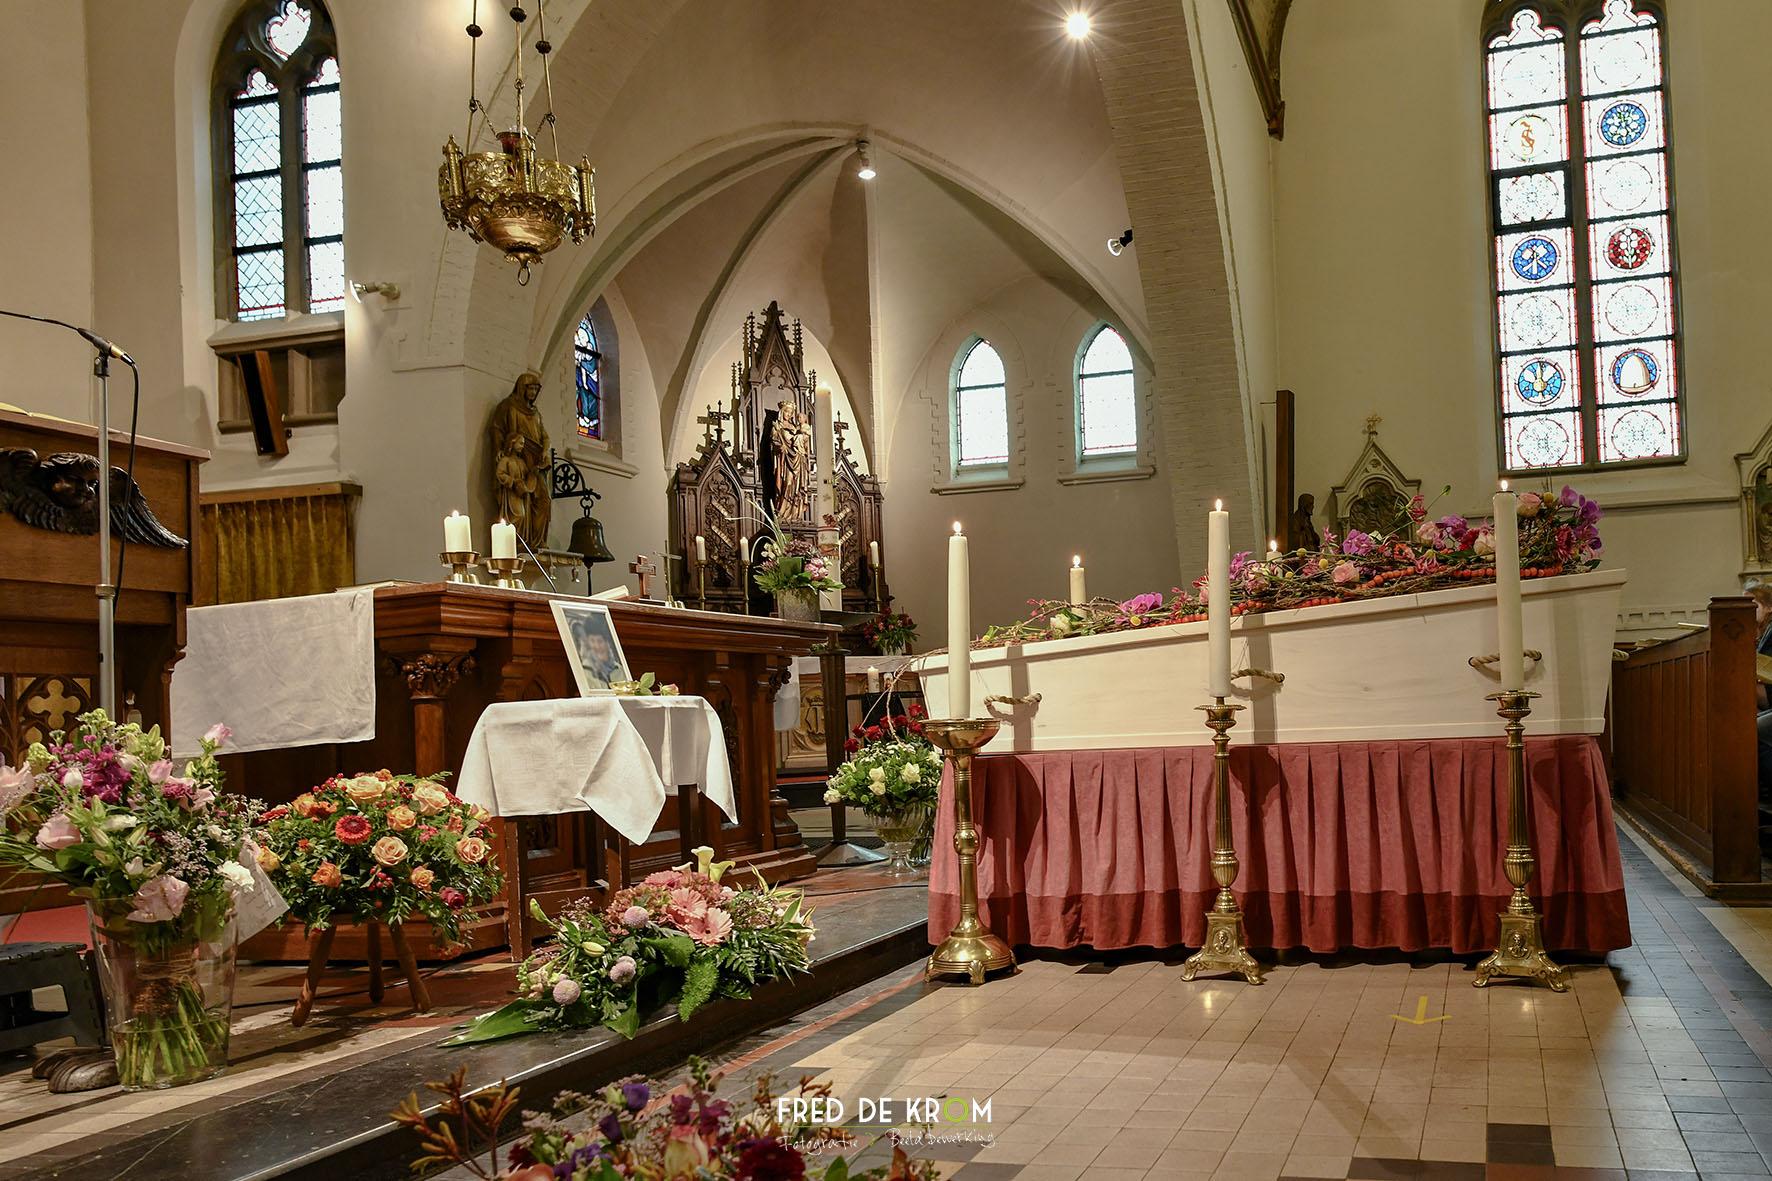 Foto tijdens begrafenis in Veldhoven, kist voor het altaar, tussen kaarsen.